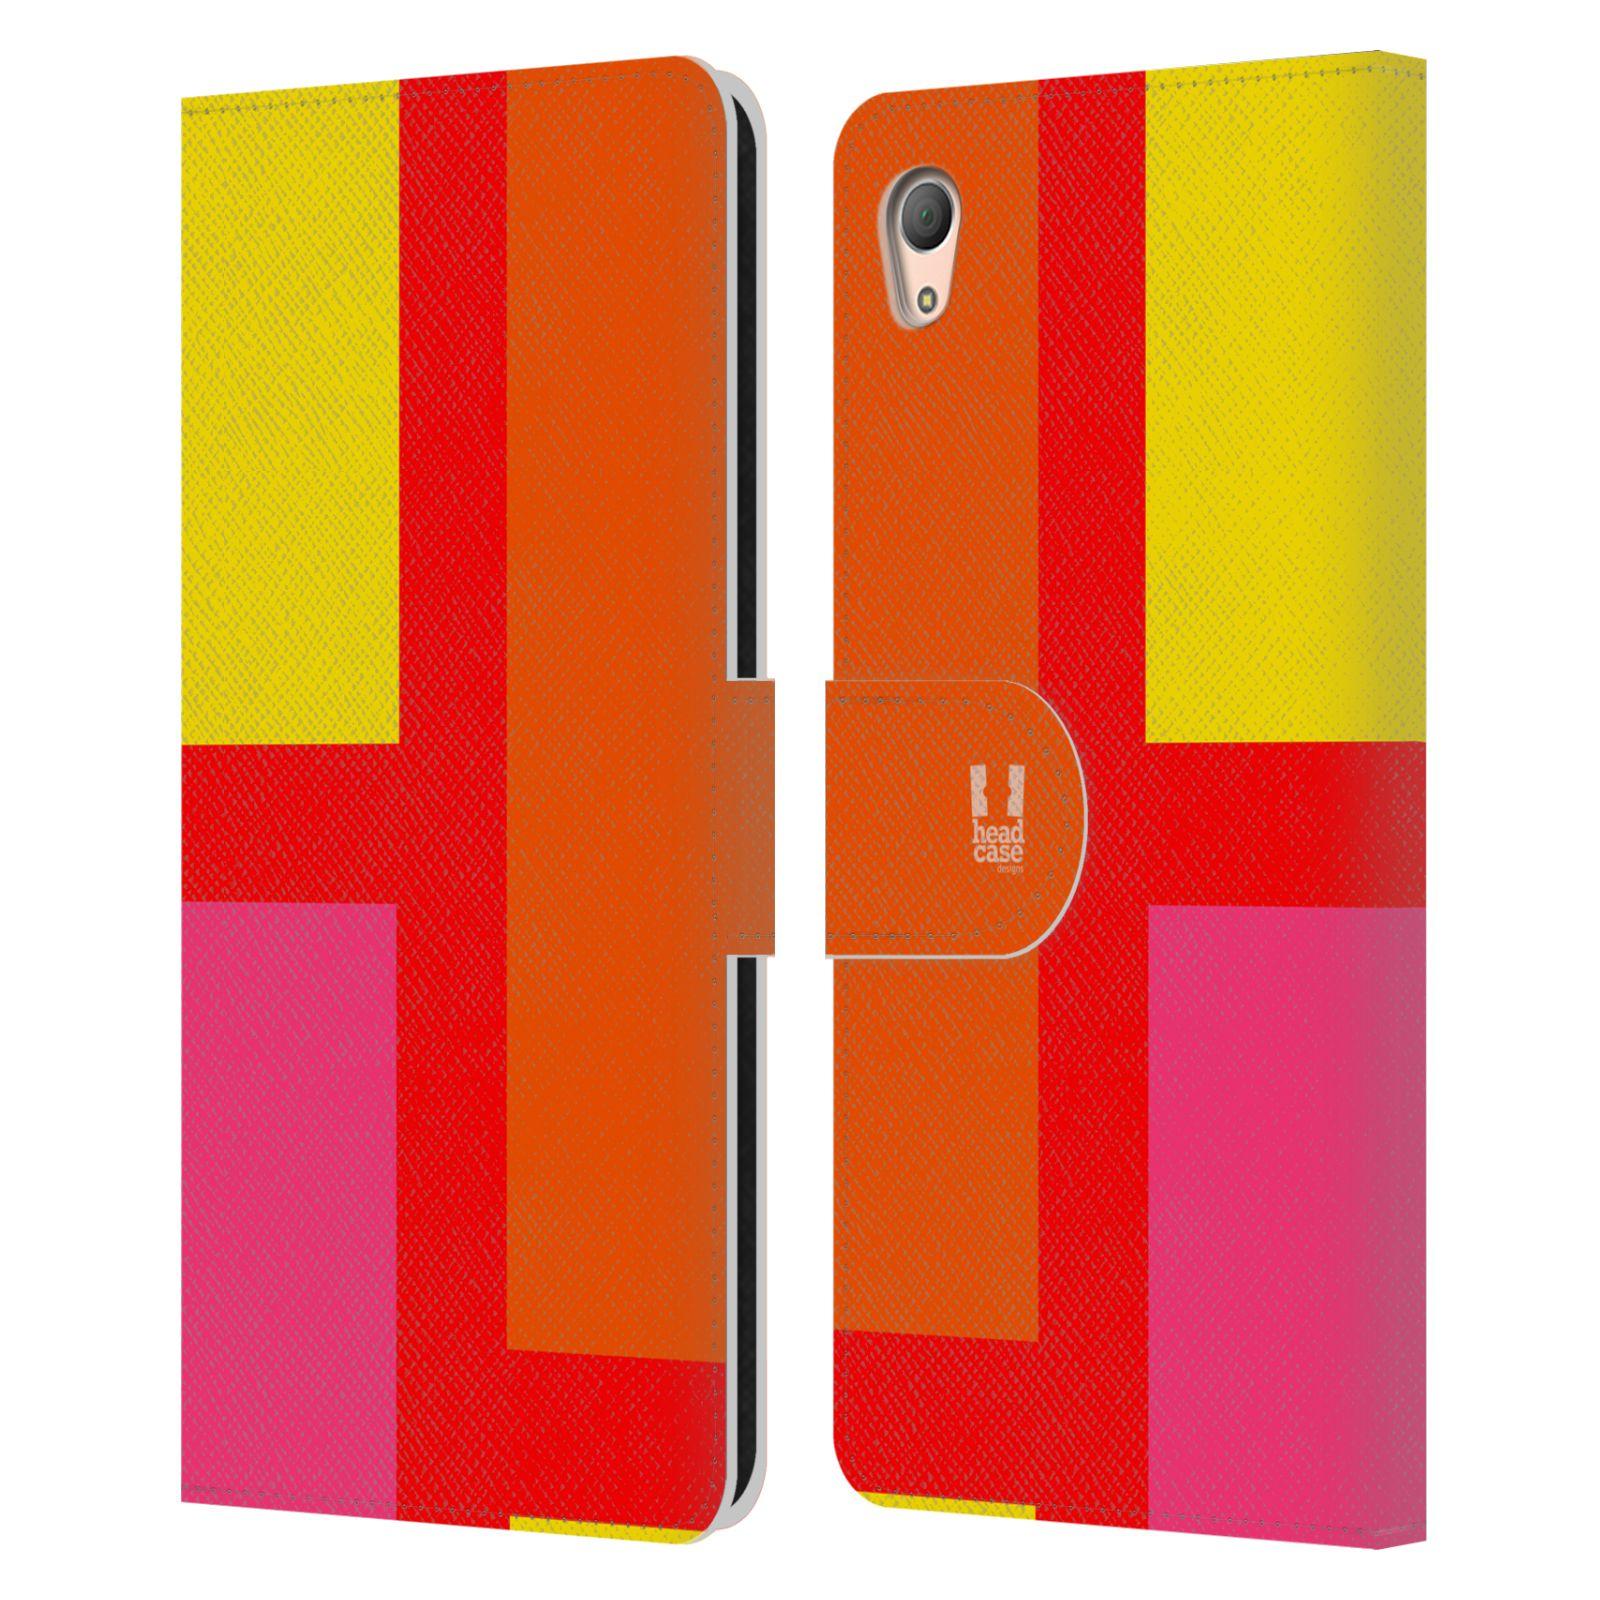 HEAD CASE Flipové pouzdro pro mobil SONY XPERIA Z3+(Z3 PLUS) barevné tvary oranžová ulice